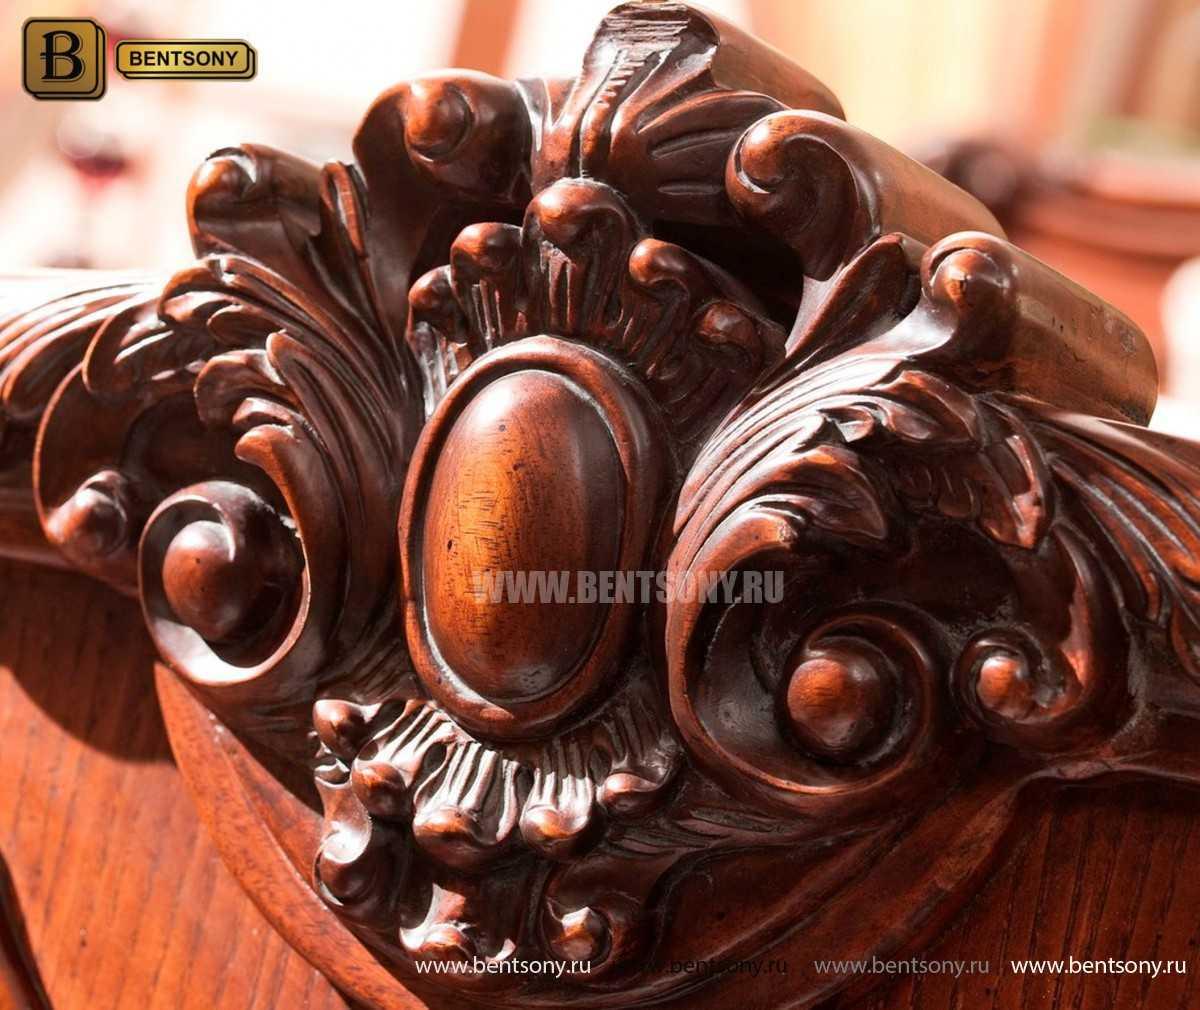 Кровать Монтана B (Классика, массив дерева, кожа) сайт цены